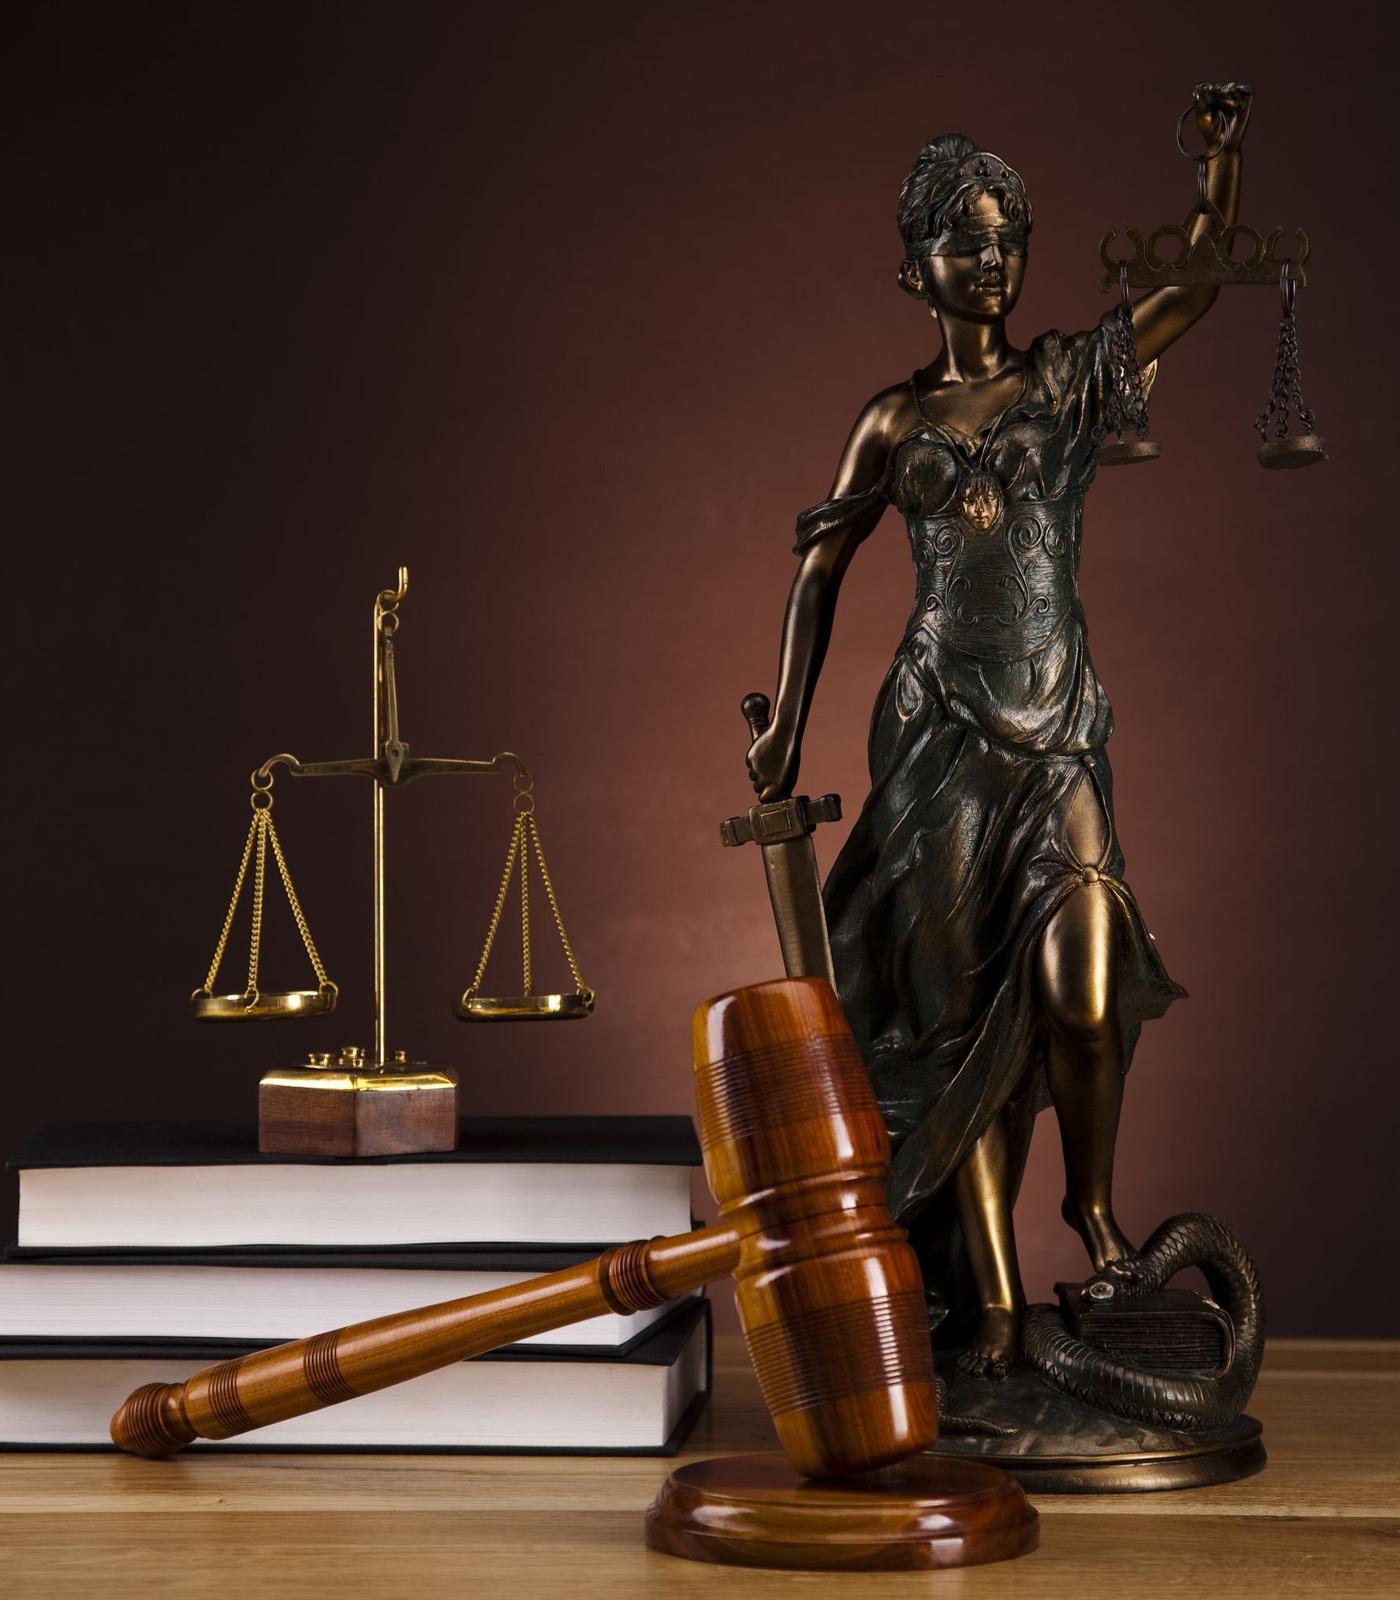 امور حقوقی اتباع خارجه